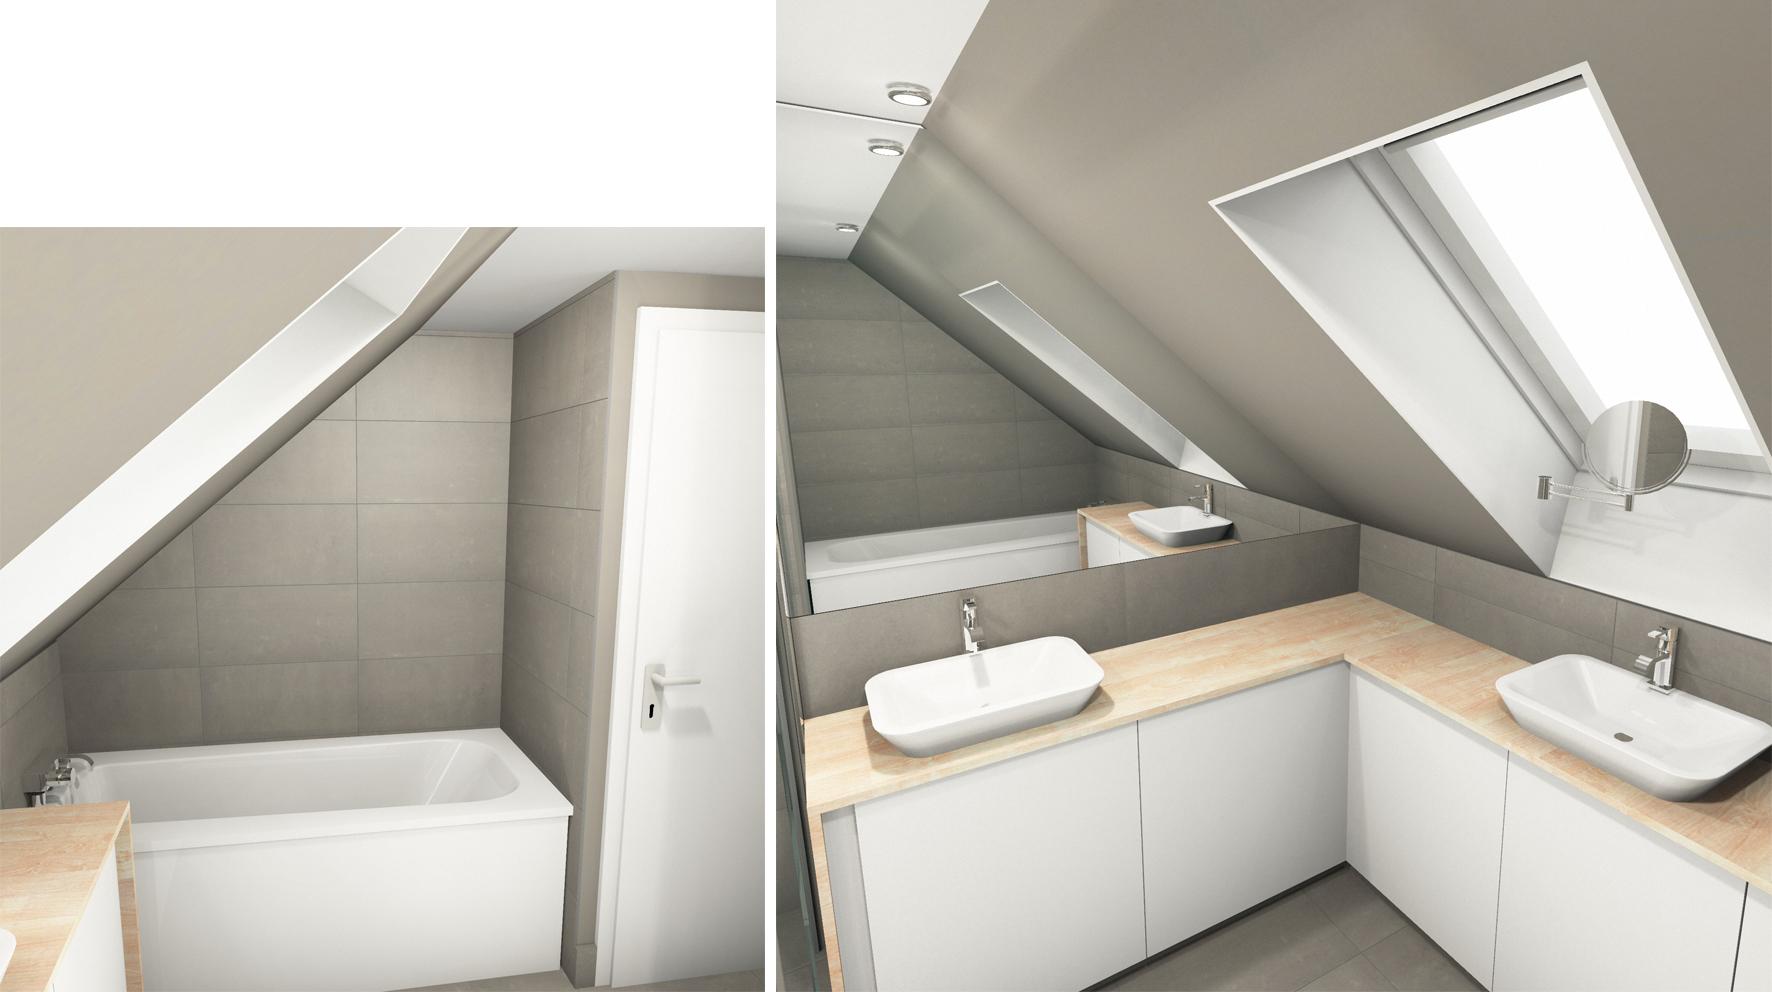 Bains Sous Combles Boddaert Interieur Architecte